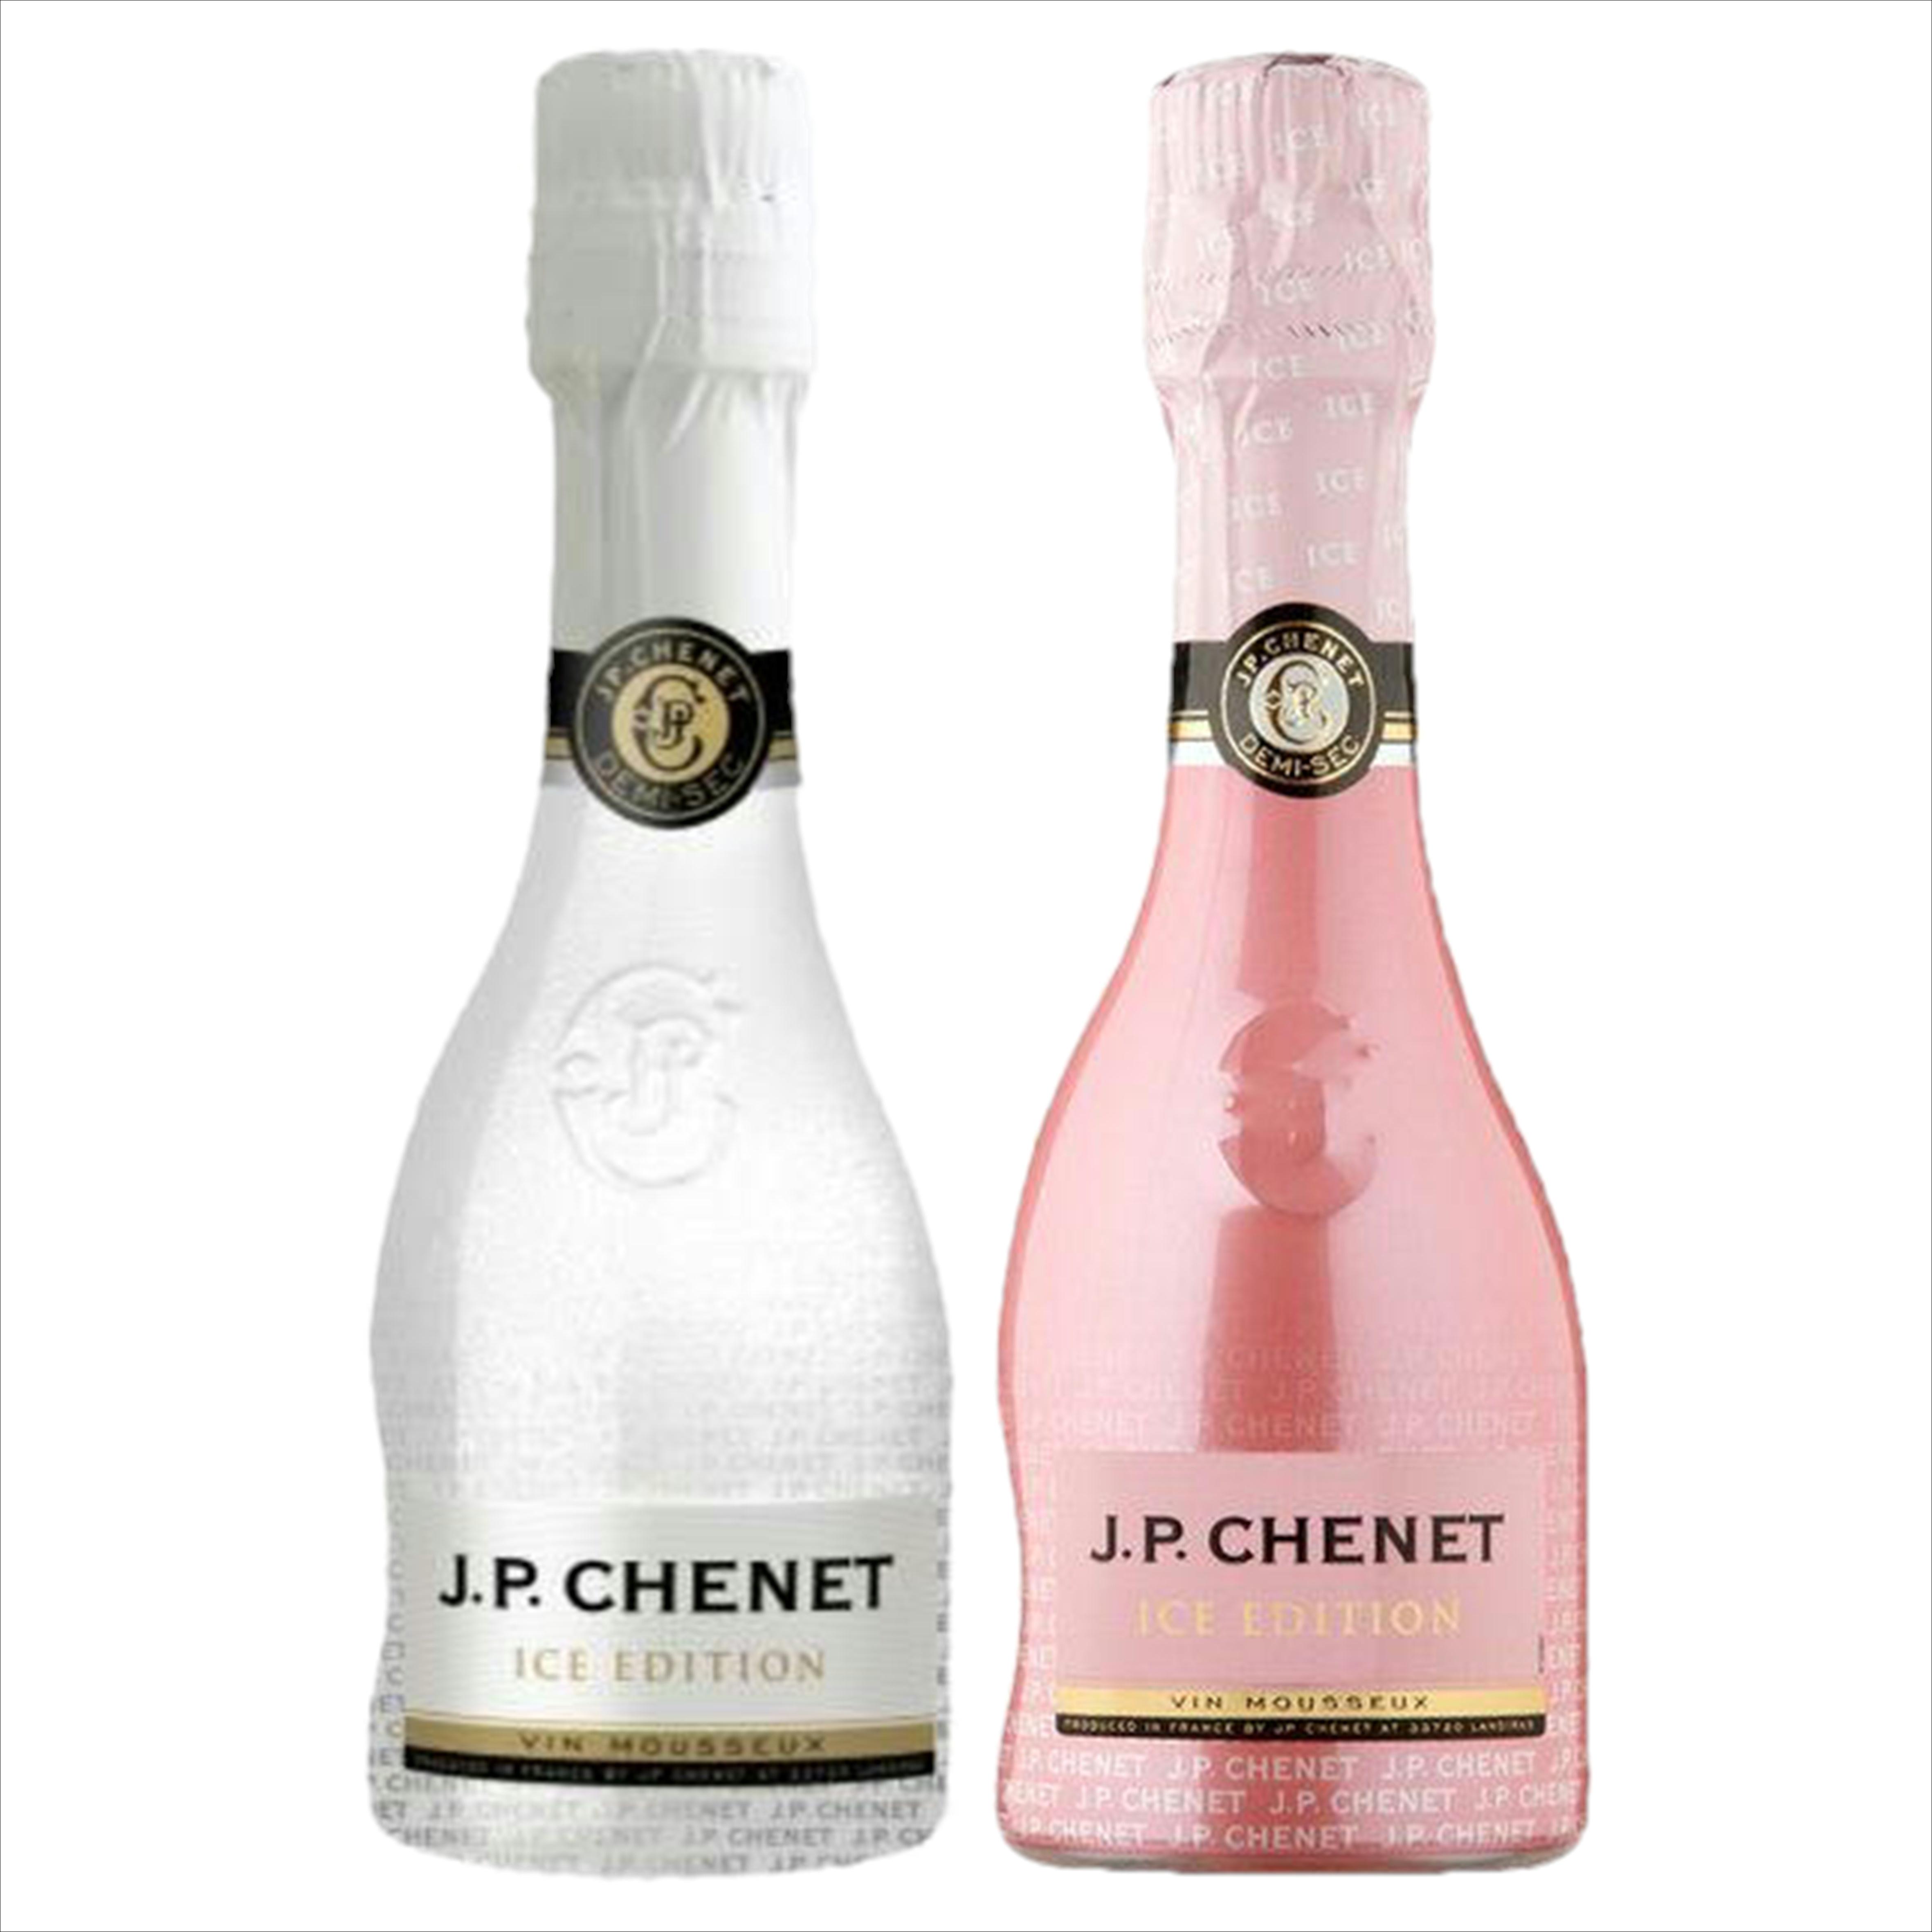 JP.シェネ アイスエディション 200mlベビーサイズ白&ロゼ バレンタインセット